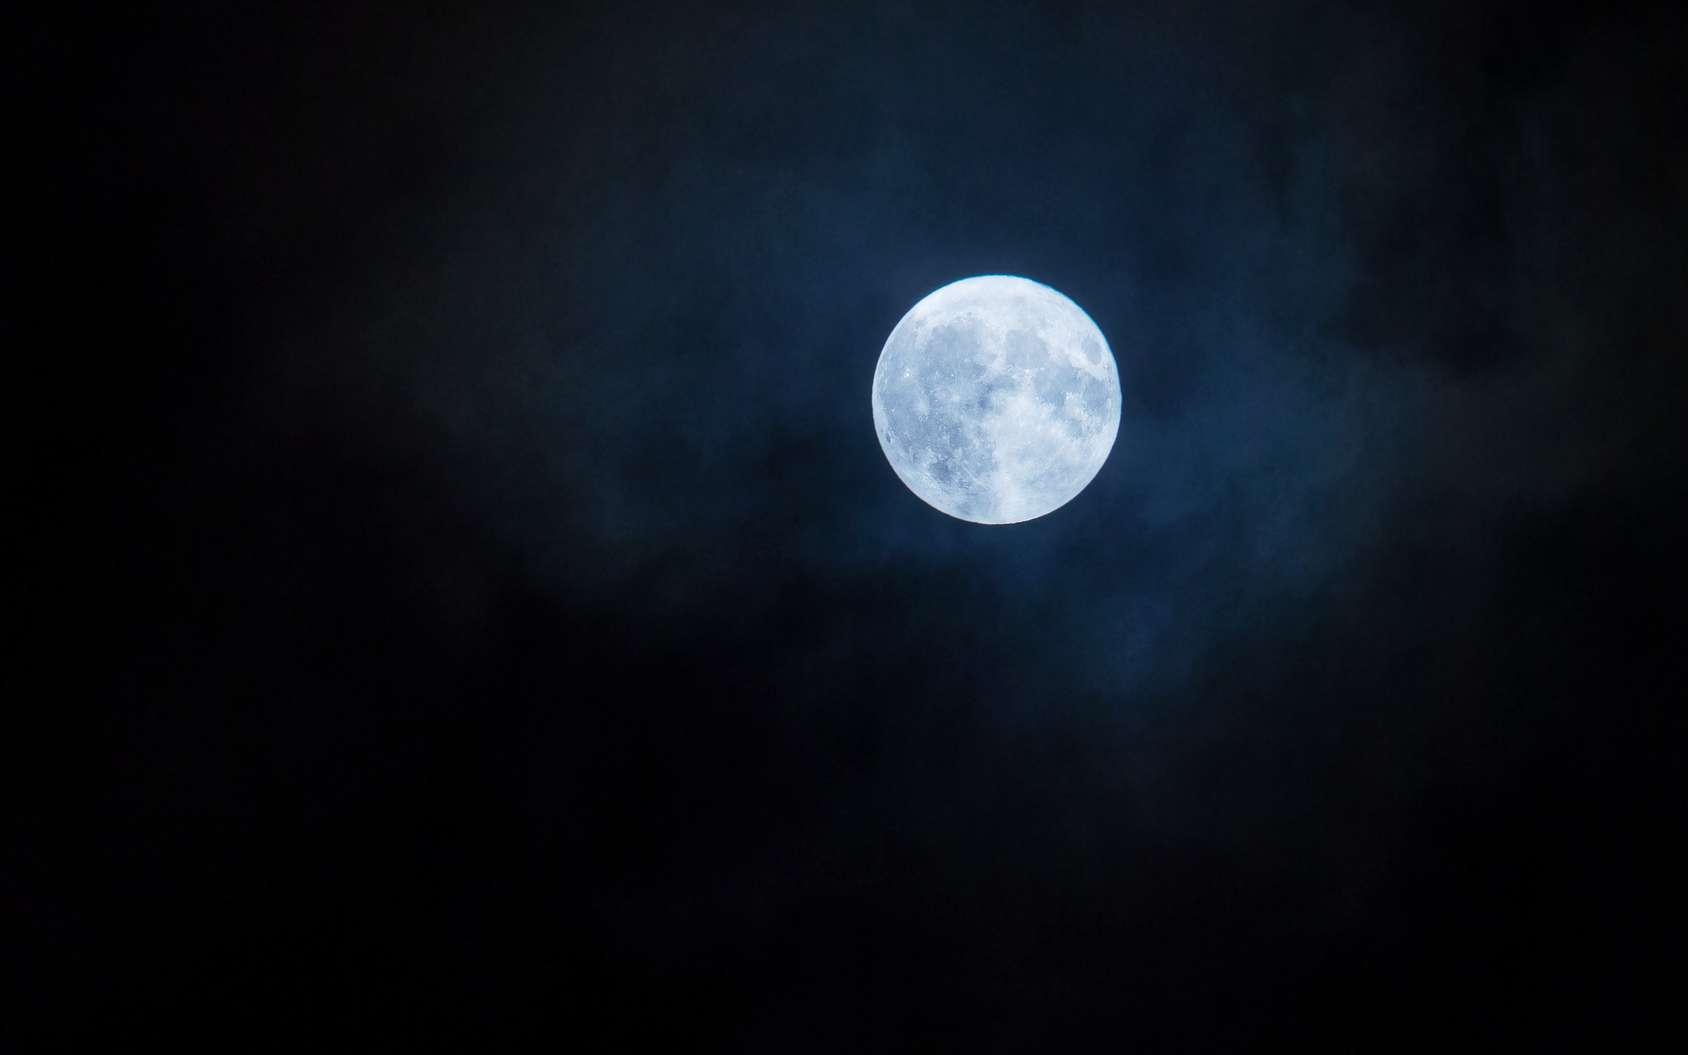 La Pleine Lune du 31 janvier sera-t-elle vraiment bleue? © yanlev, fotolia